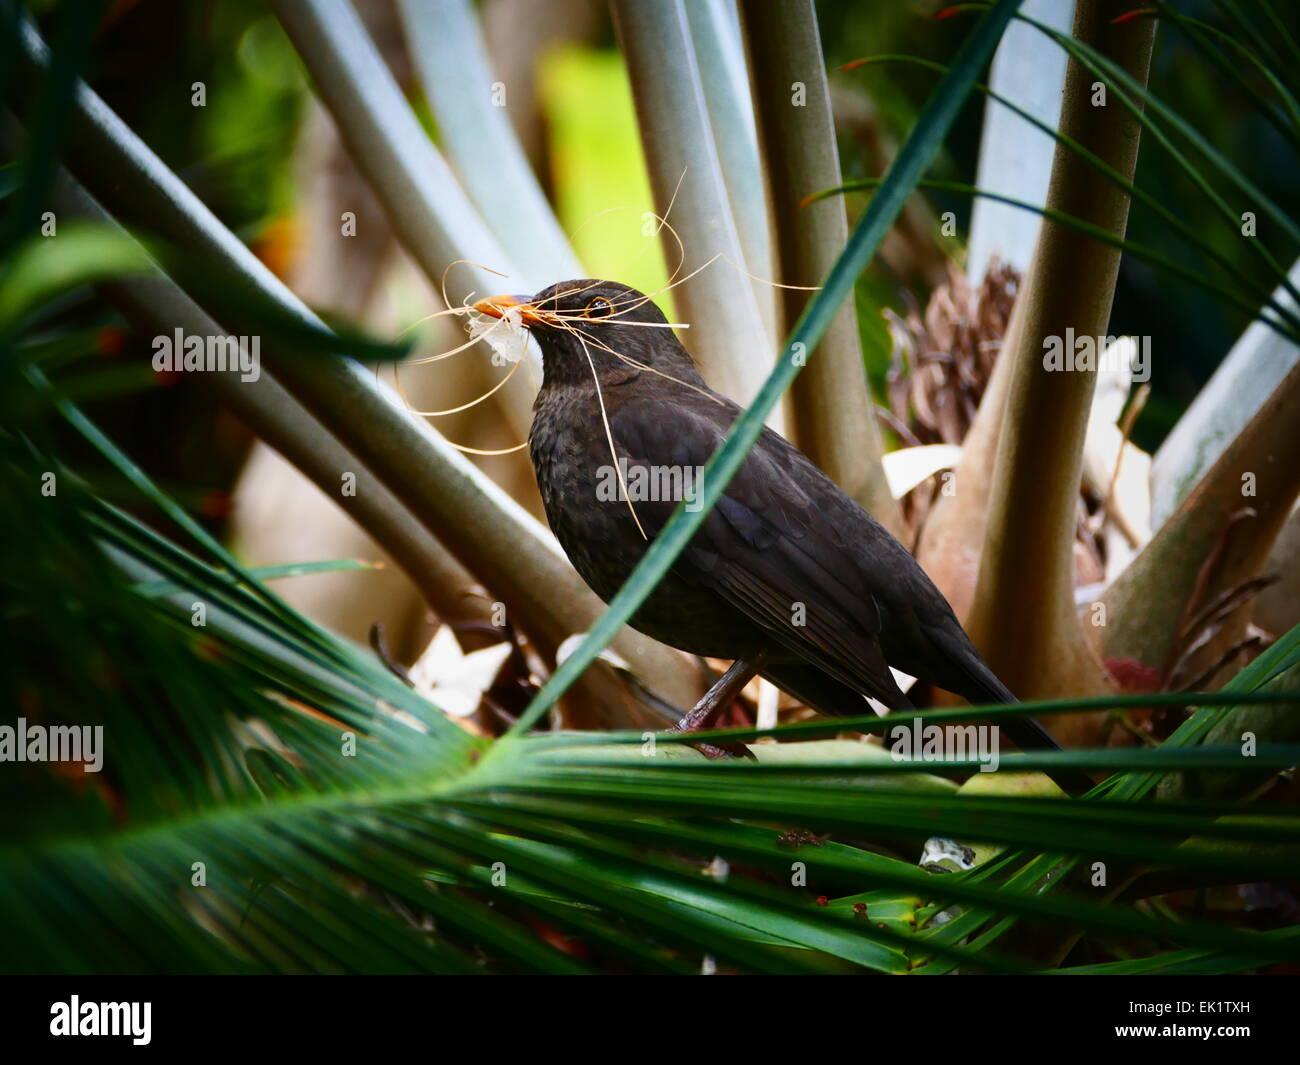 Spanien-Kanarische Inseln Teneriffa Puerto De La Cruz Botanic Garden Park Jardin Botanico Krähe Rabe mit Blättern Stockbild